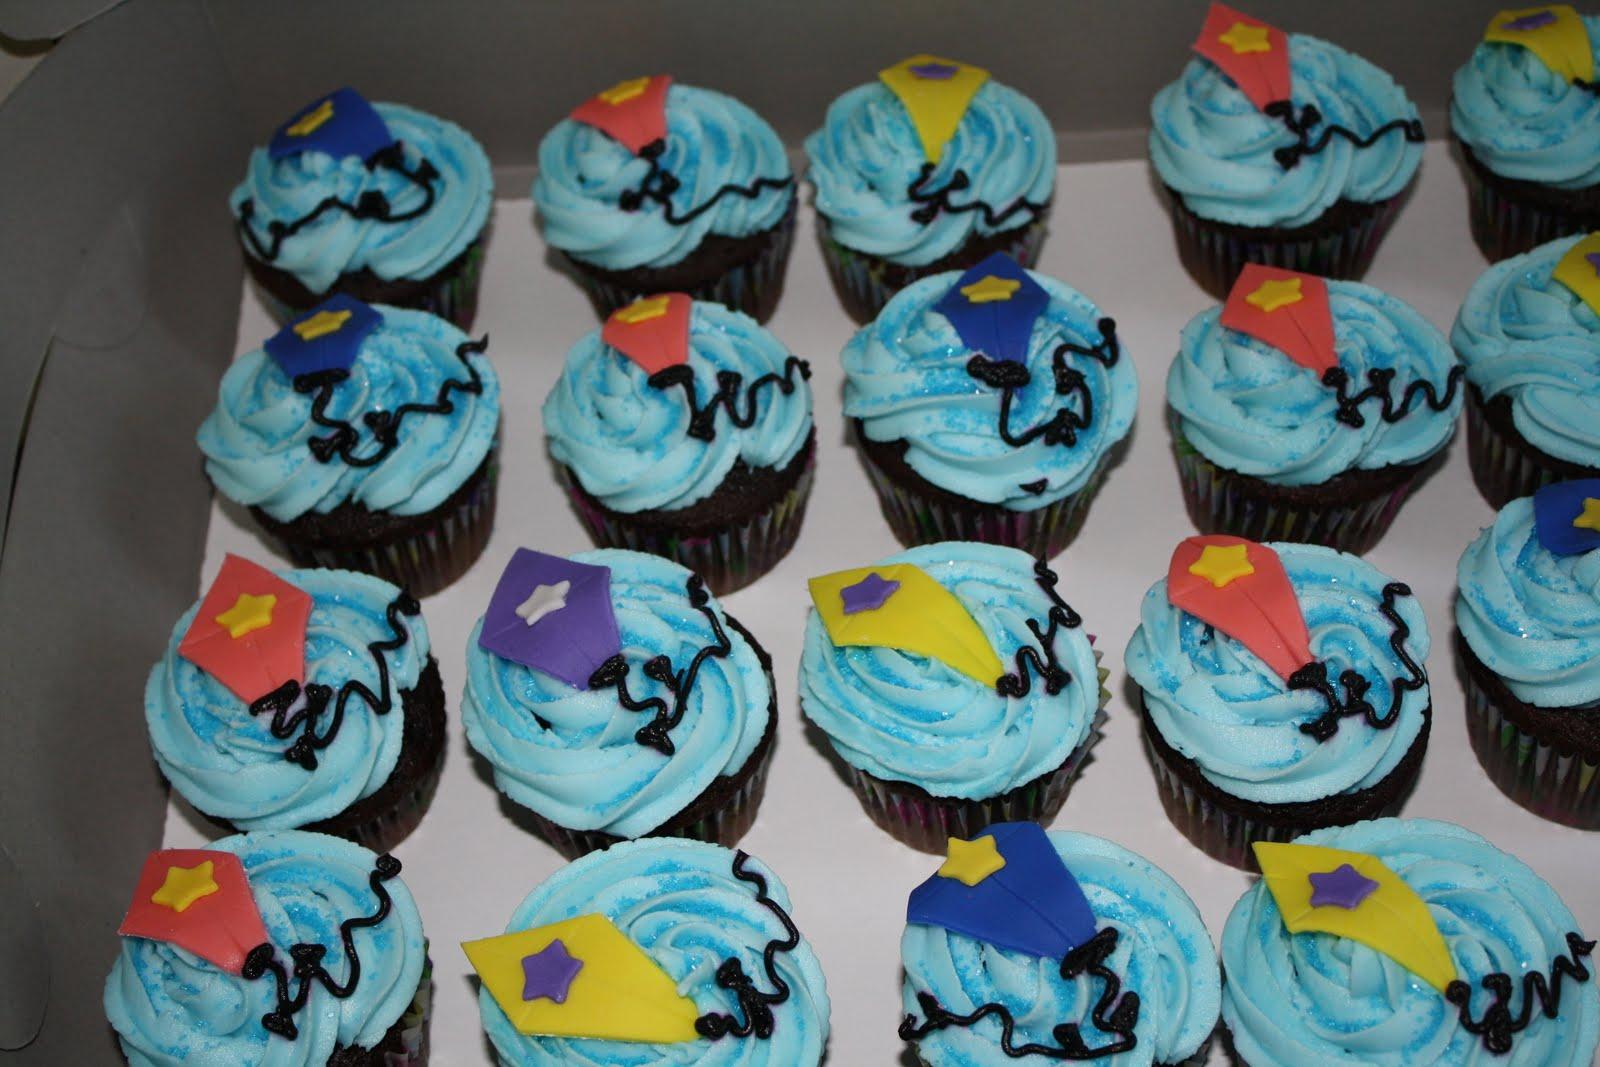 Cakelicious Kite Cupcakes